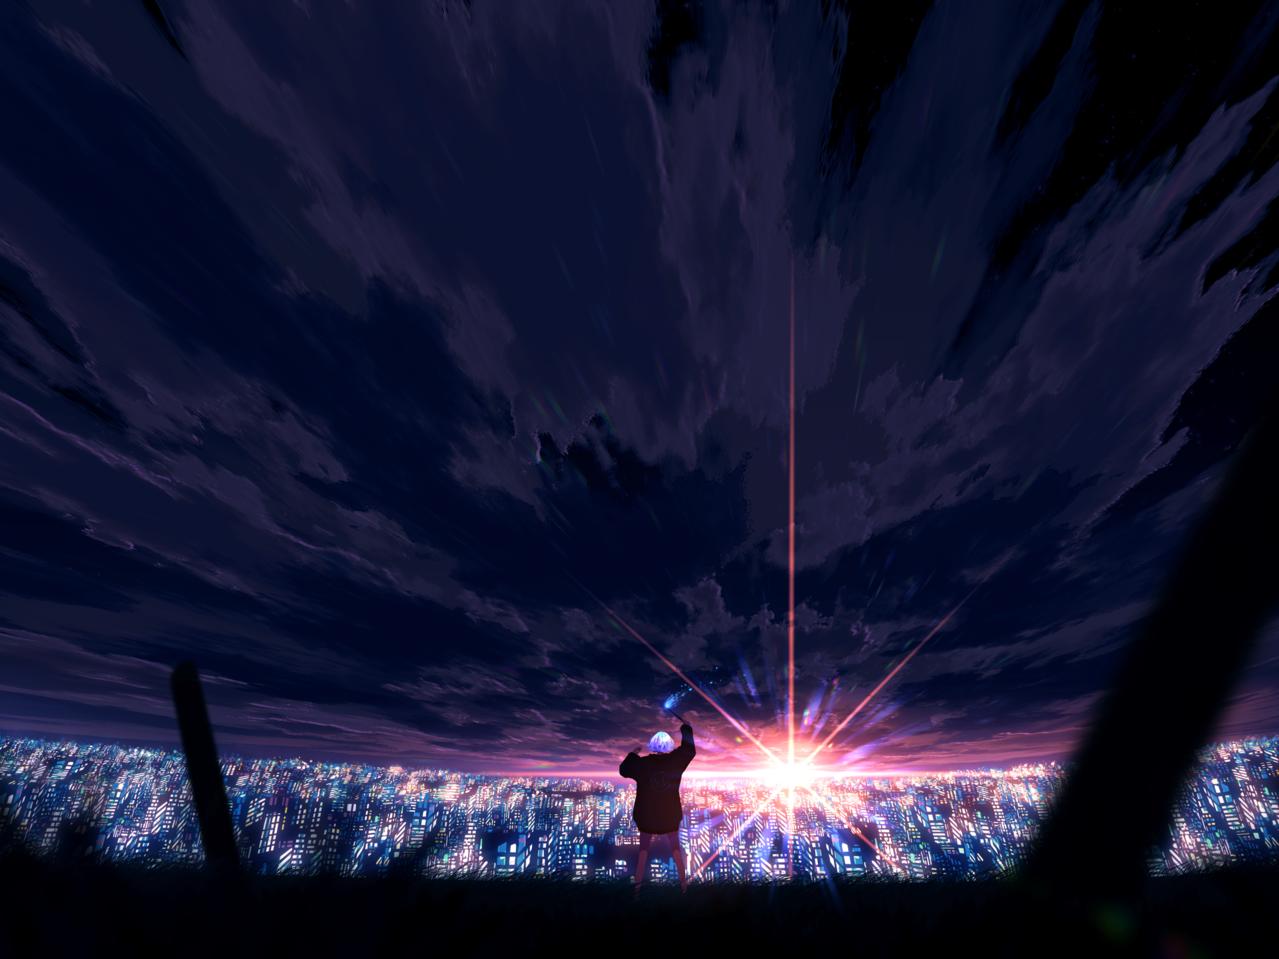 レクイエム Illust of faPka scenery illustration background